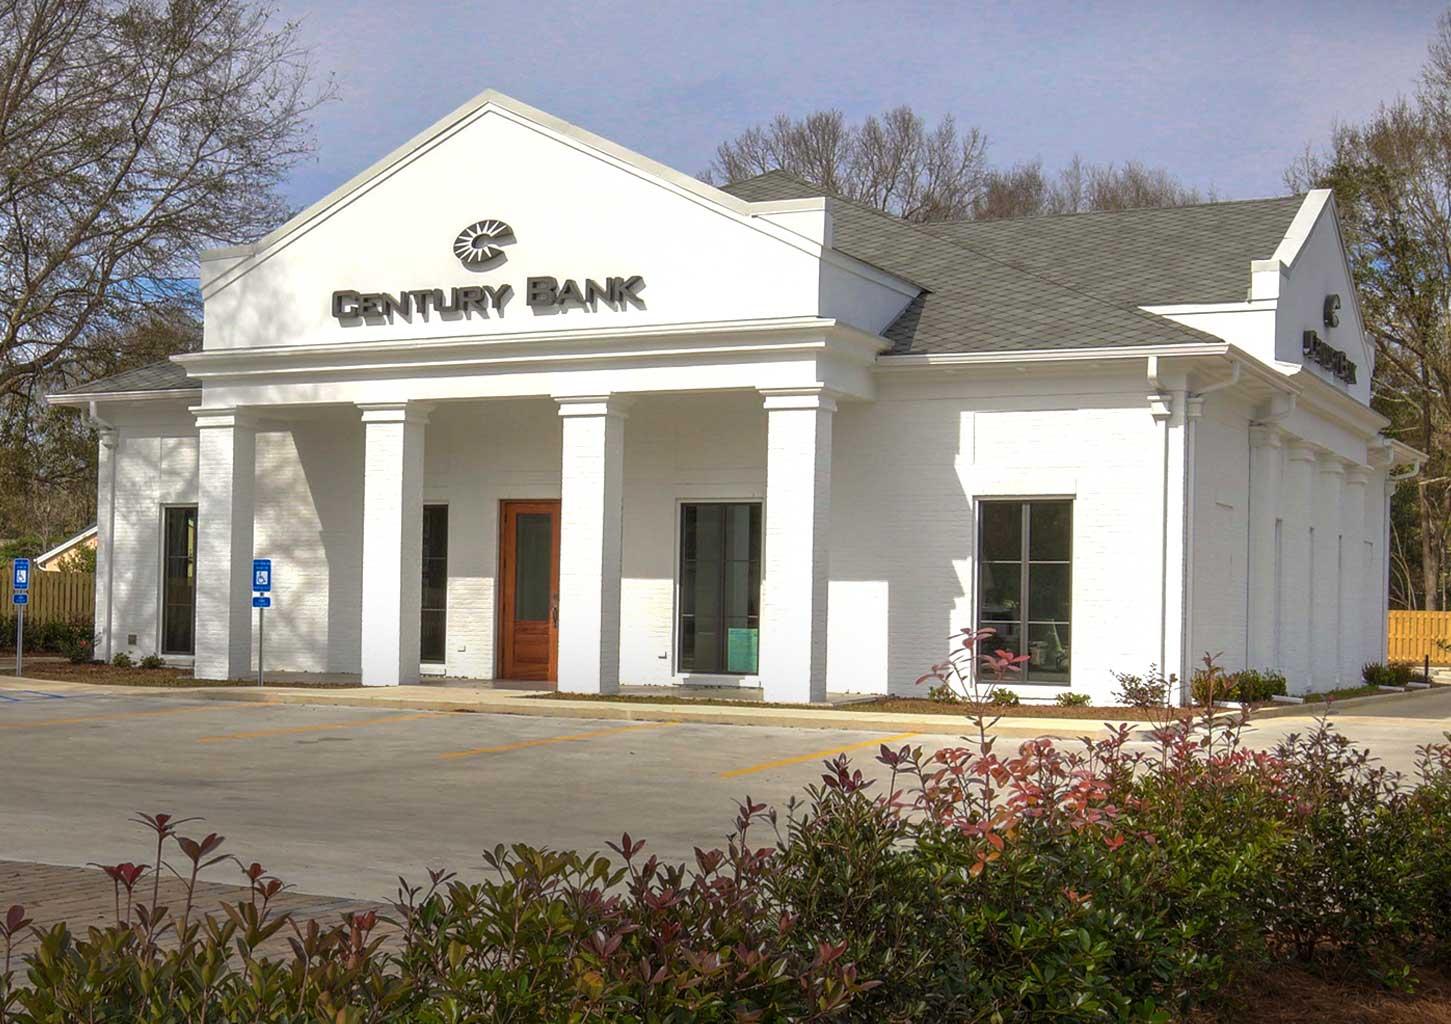 Century Bank in Daphne AL